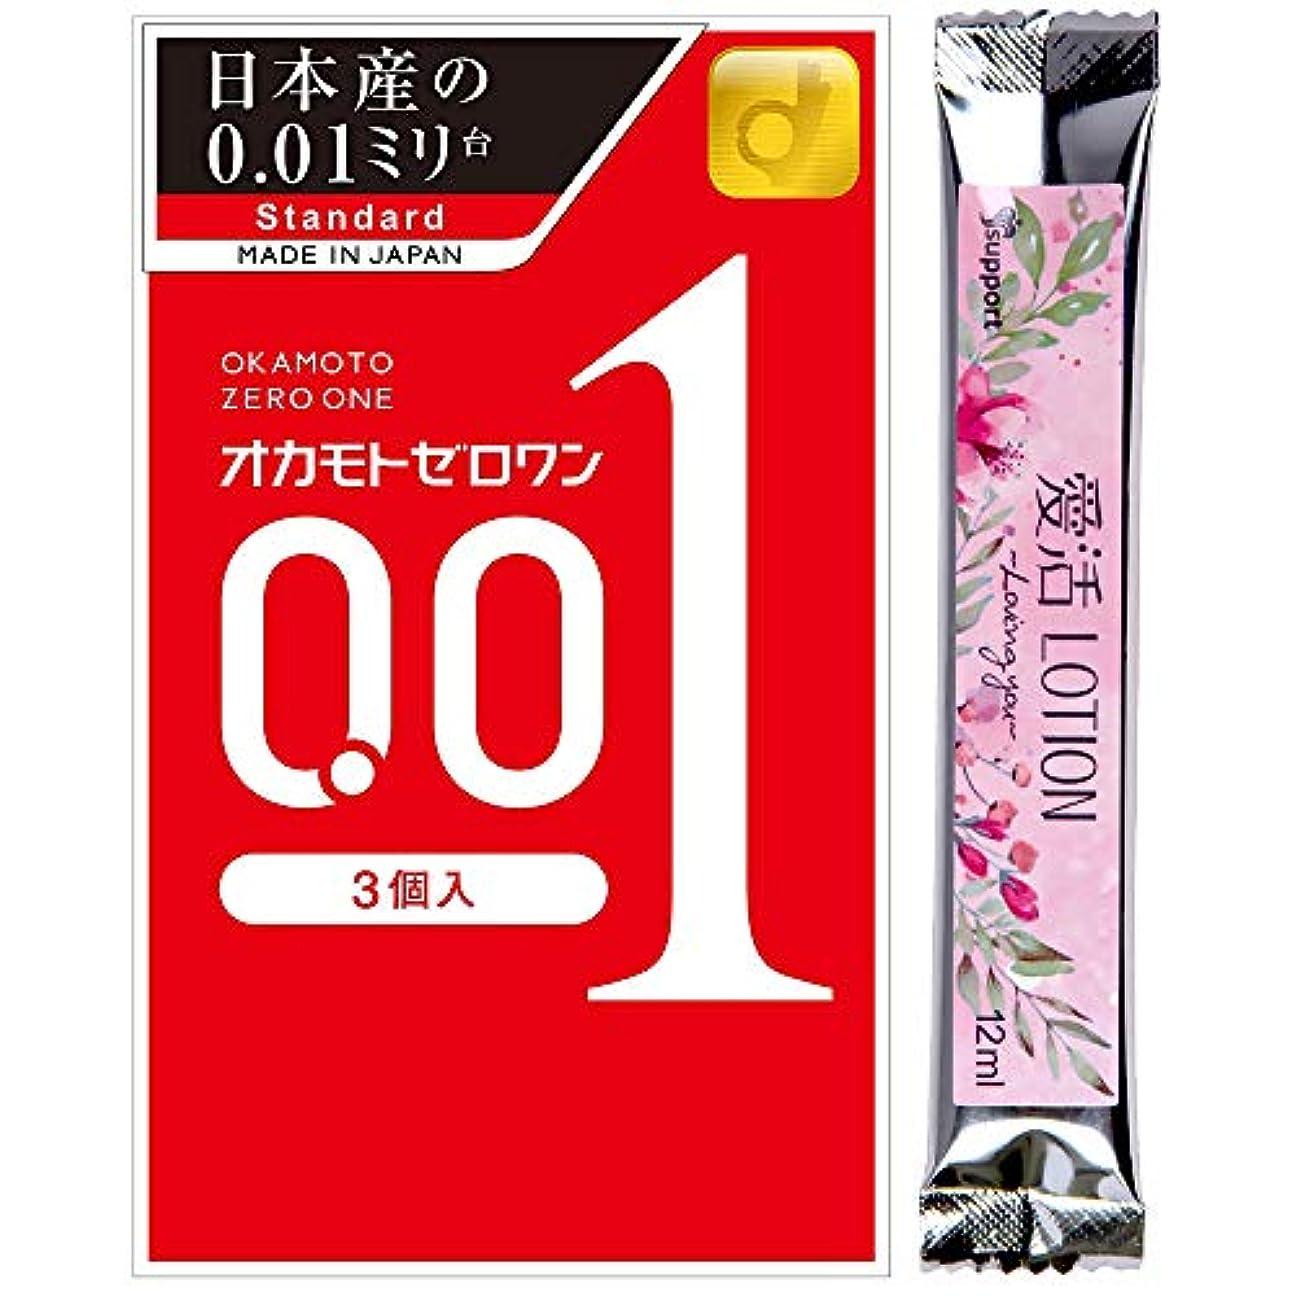 オカモトゼロワン 0.01 3個入り + 愛活ローション12mlセット